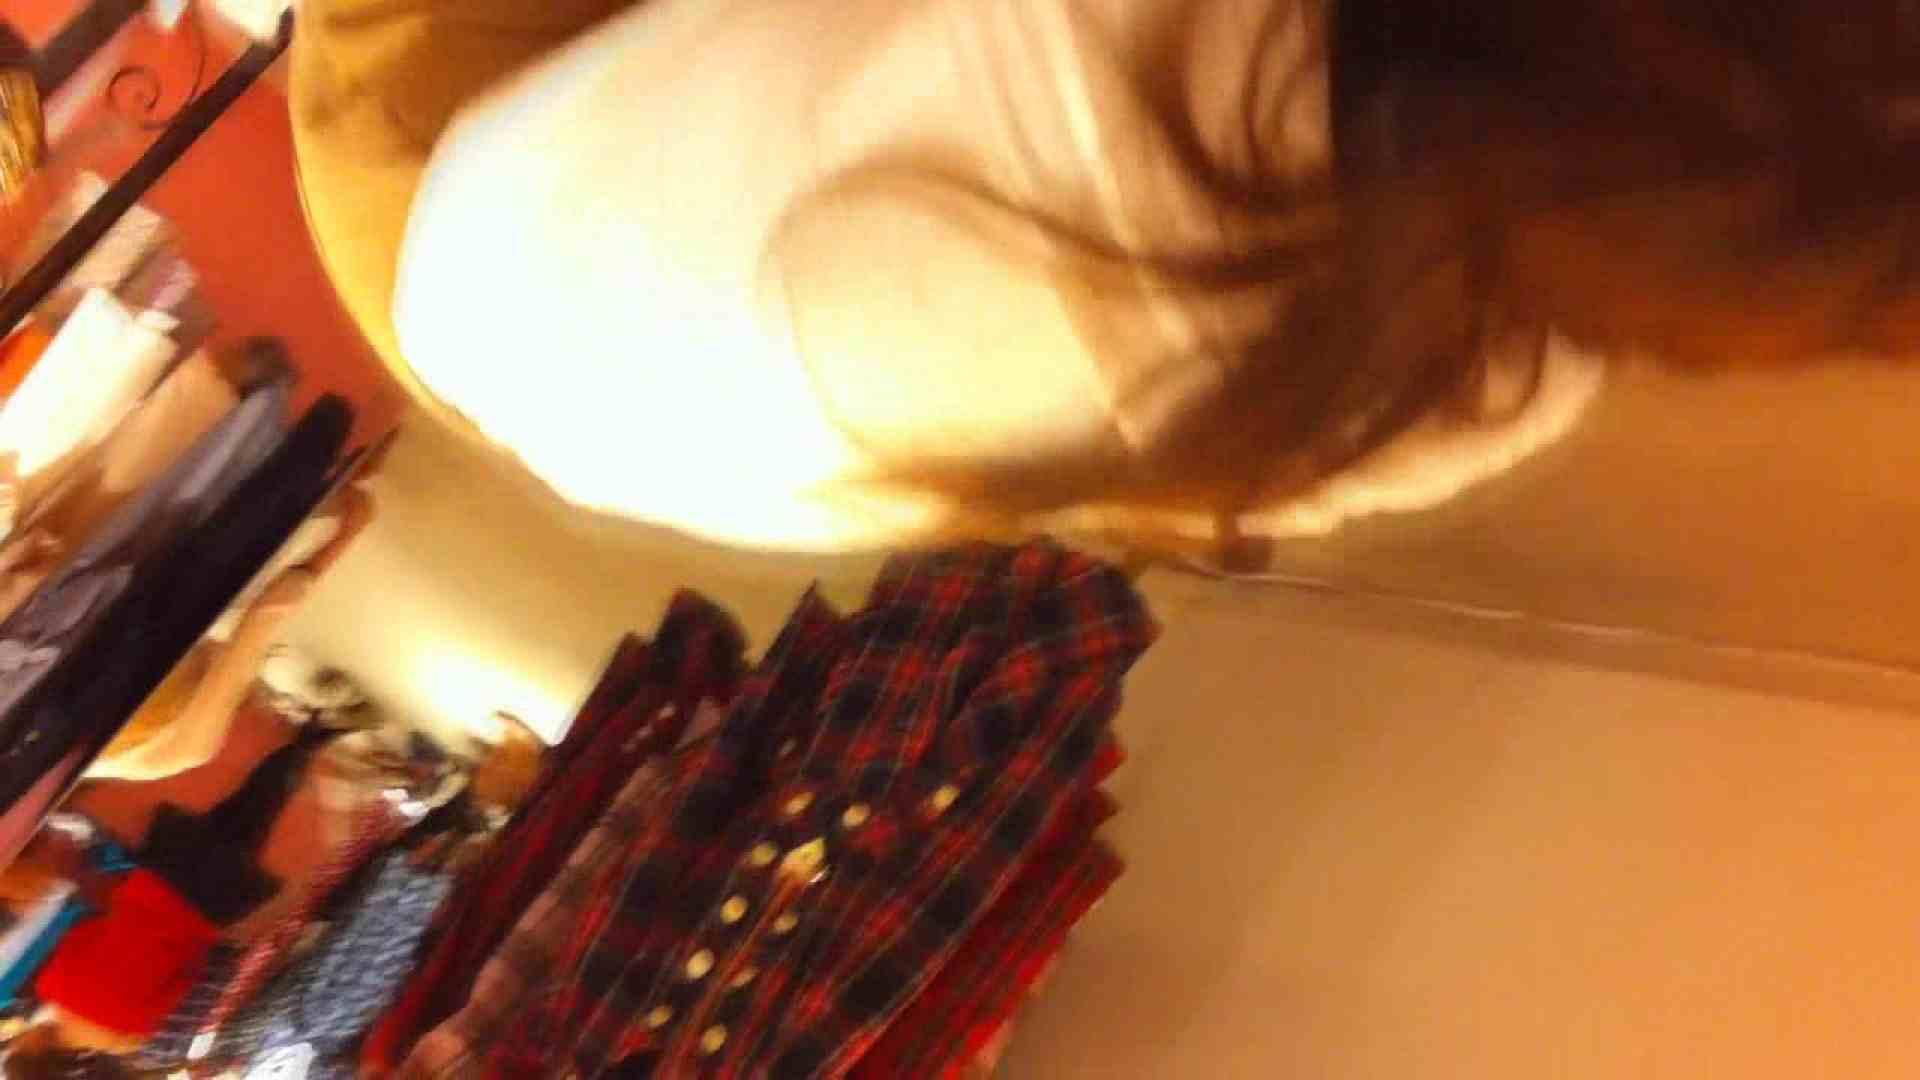 フルHD ショップ店員千人斬り! 大画面ノーカット完全版 vol.47 OLのエロ生活 | パンチラ  63連発 52